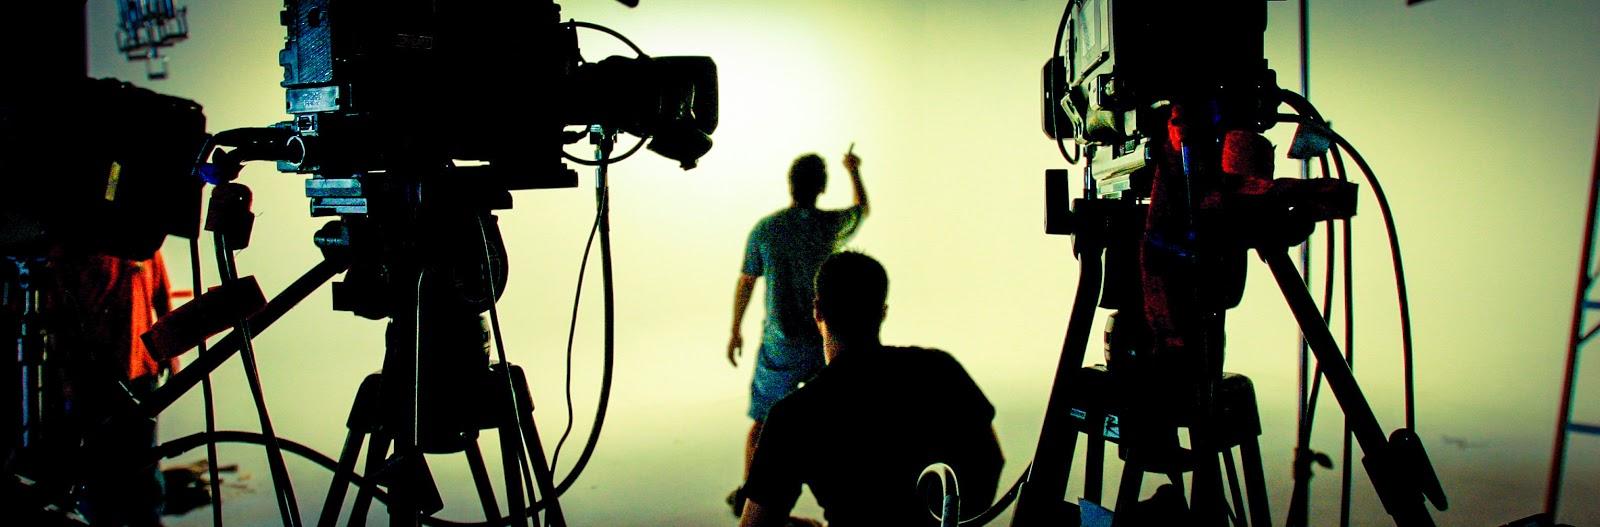 publicidad-televisiva-10